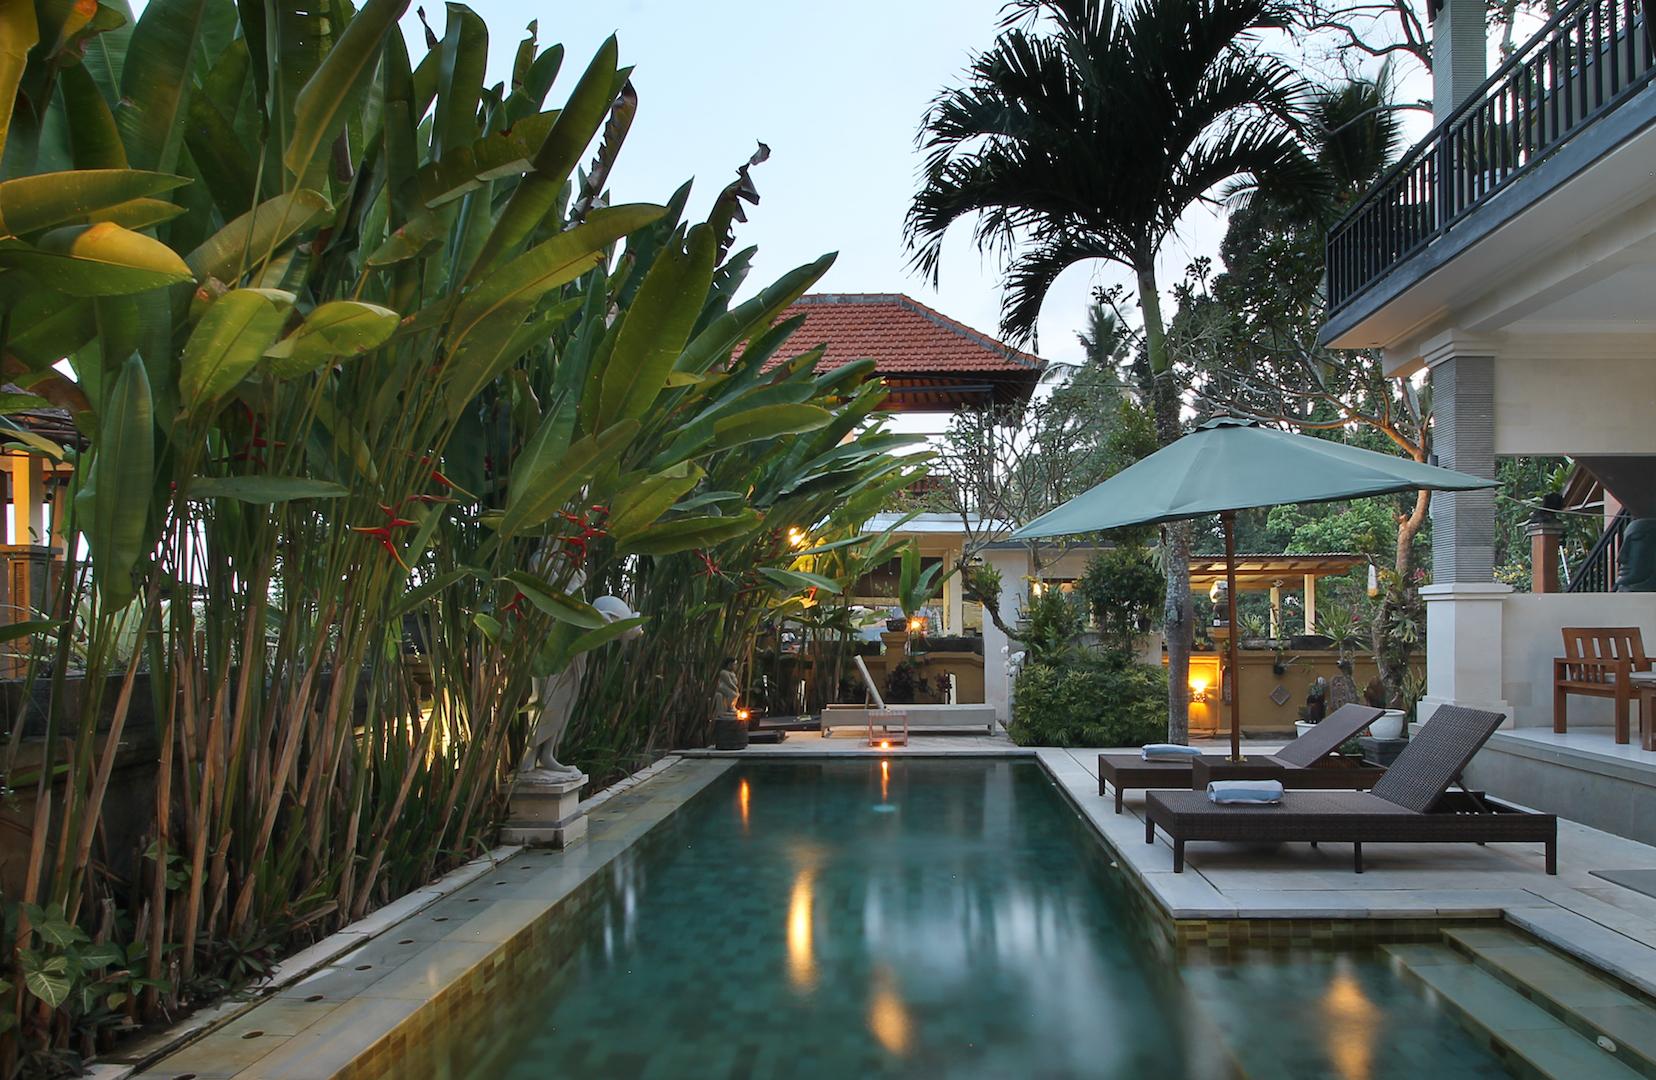 Manggala Bali Manggala Bali Villa And Hotel Management